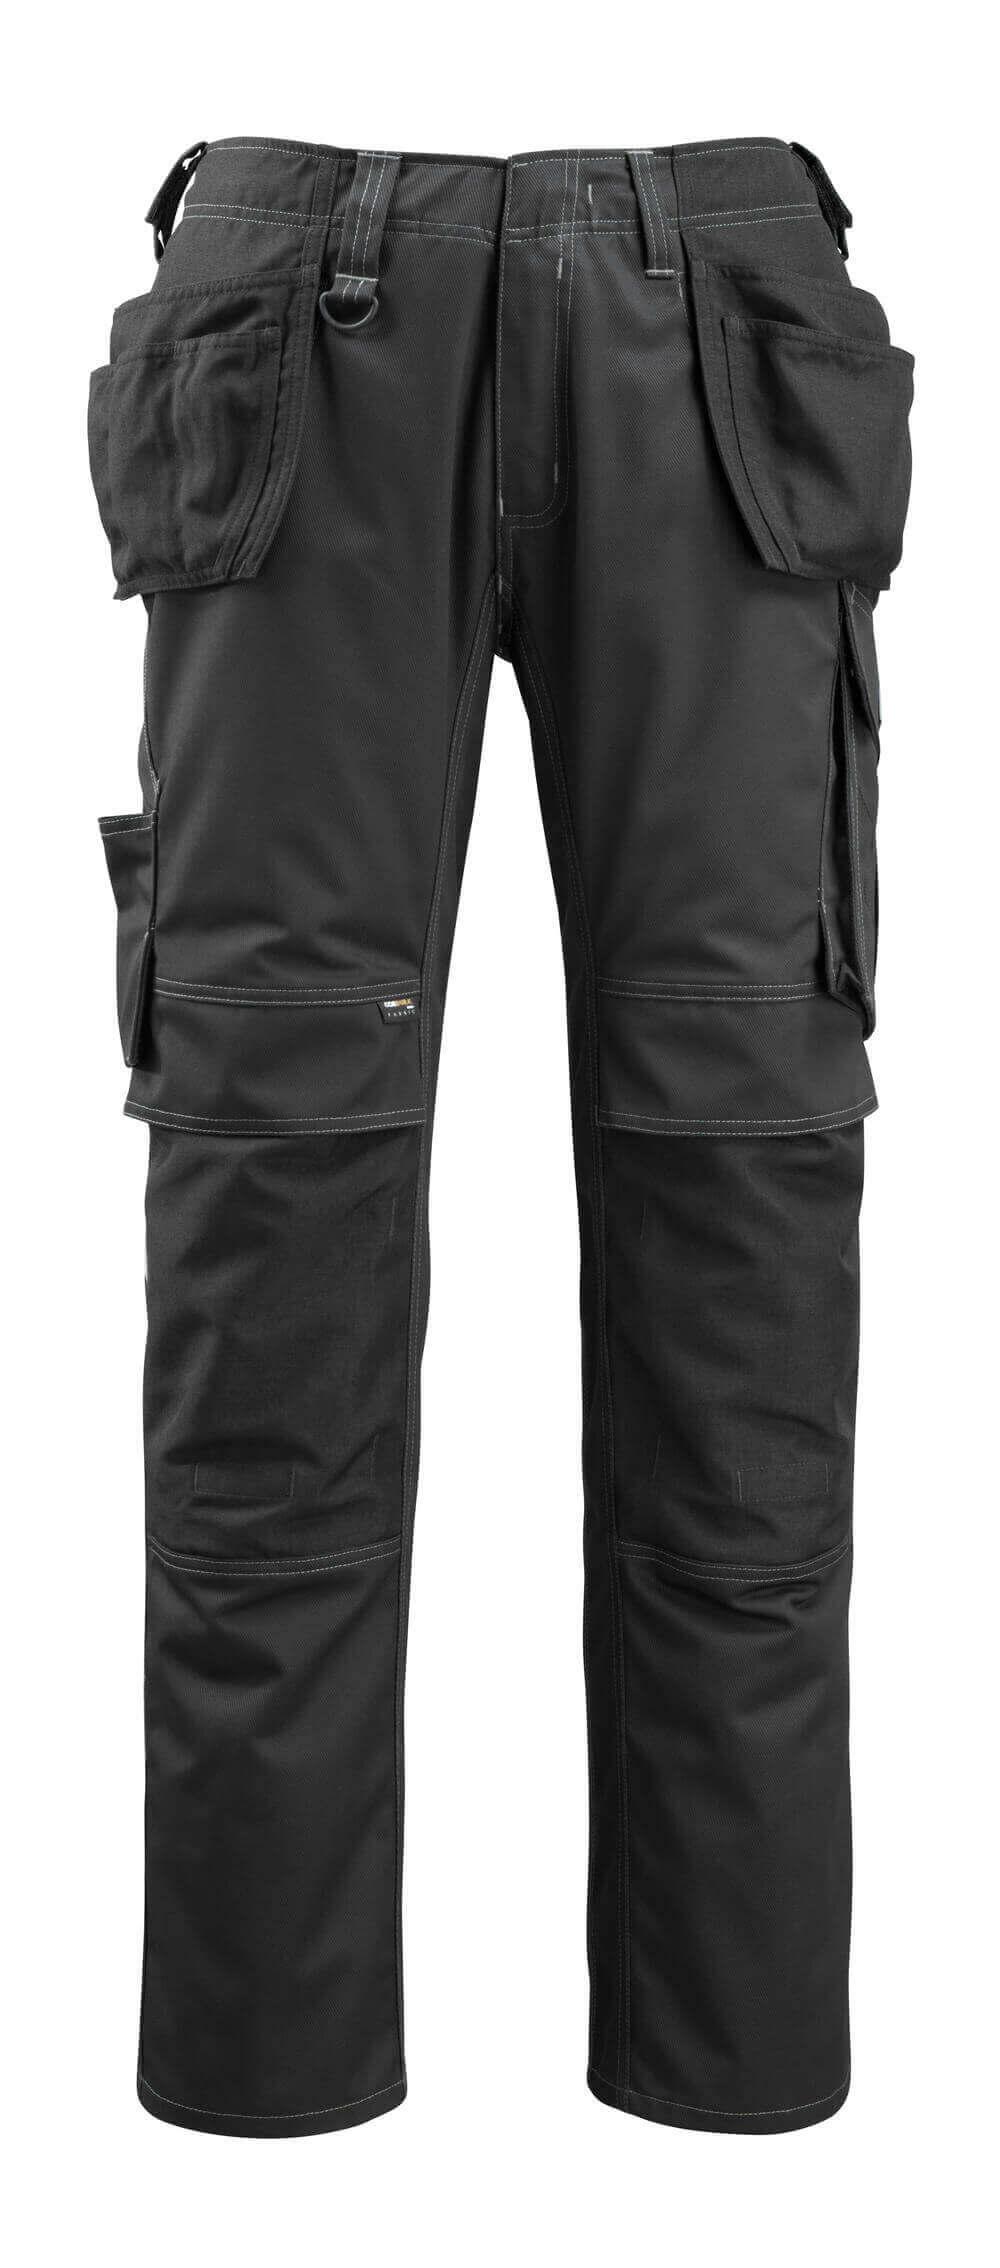 14131-203-09 Broek met spijkerzakken - zwart